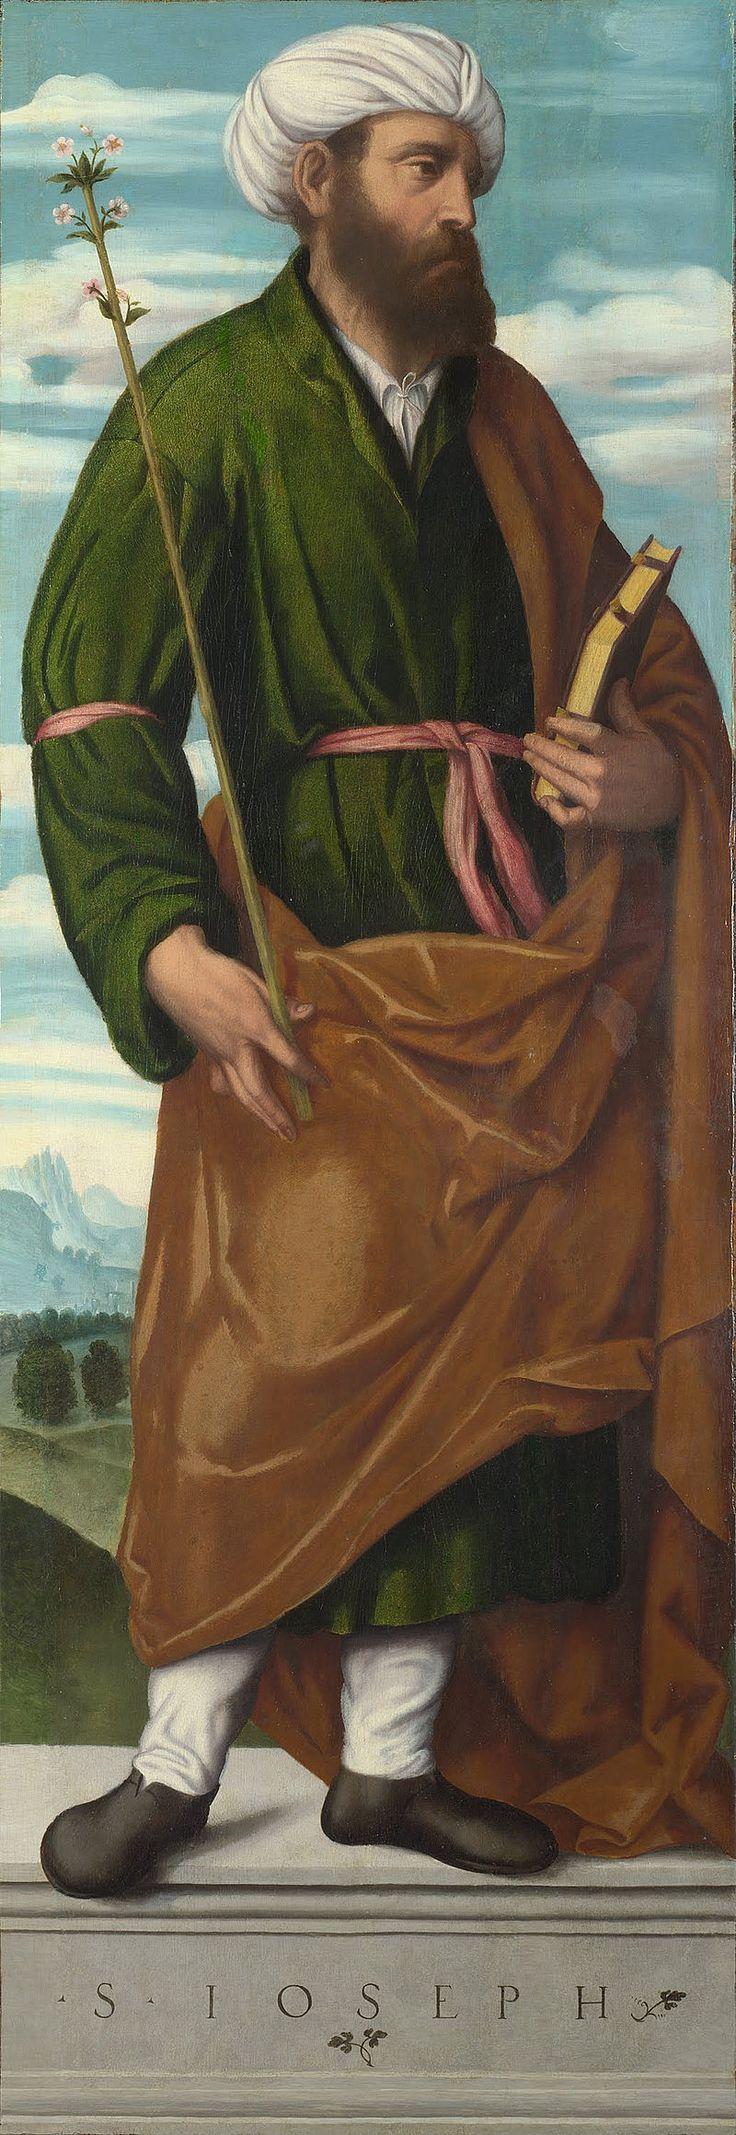 Moretto da Brescia - Saint Joseph - Google Art Project - Category:Google Art Project works by Moretto da Brescia - Wikimedia Commons